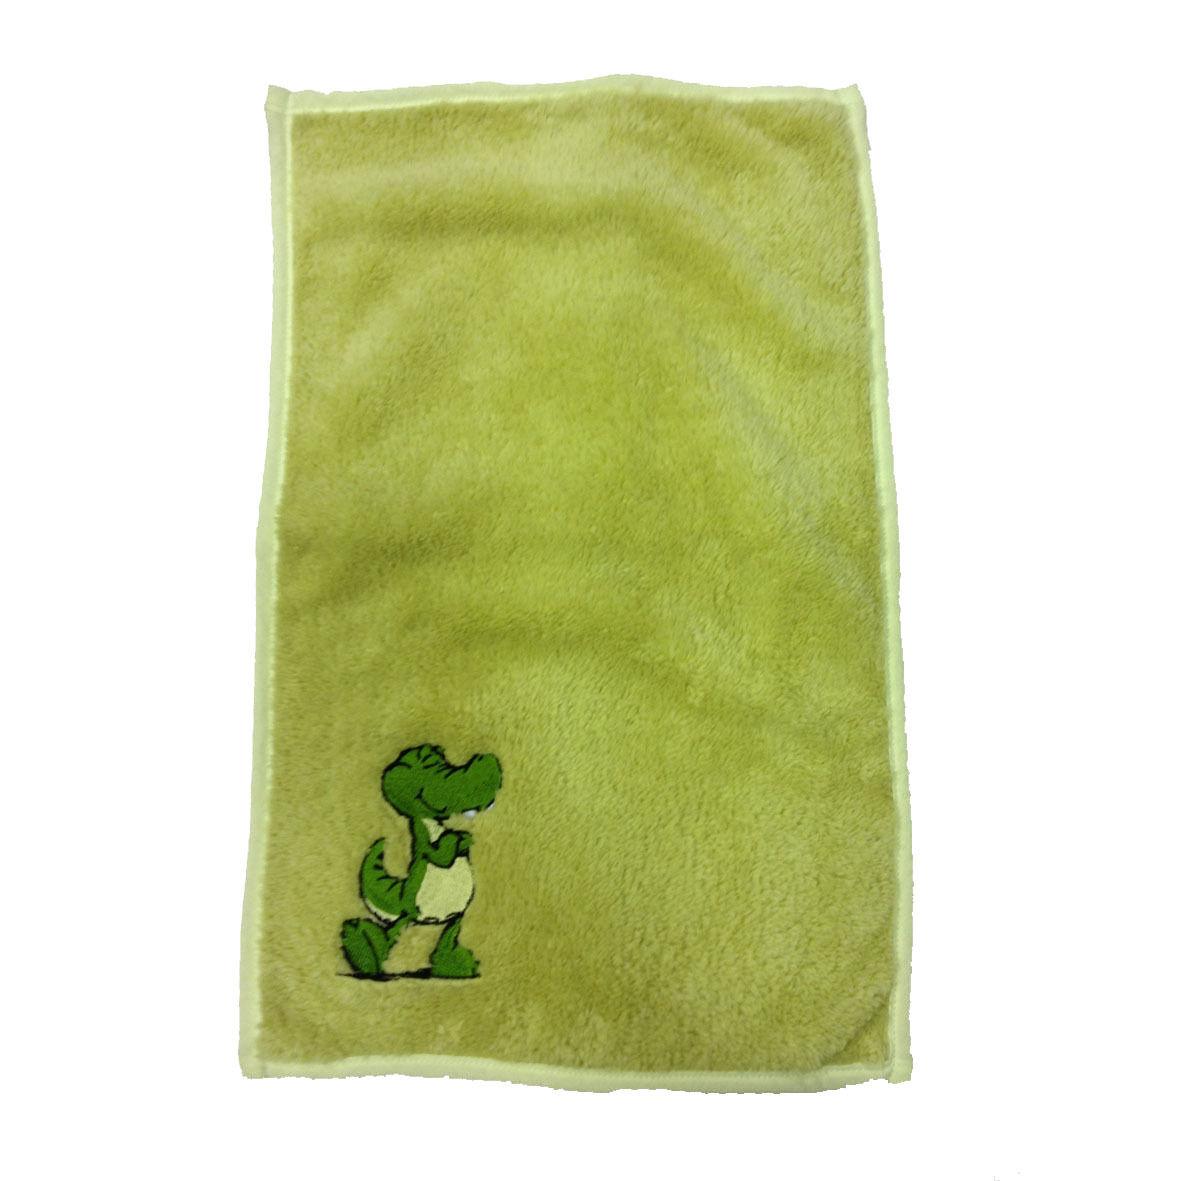 NICI ascigamanino piccolo verde ricamato in morbido peluches 30x50cm